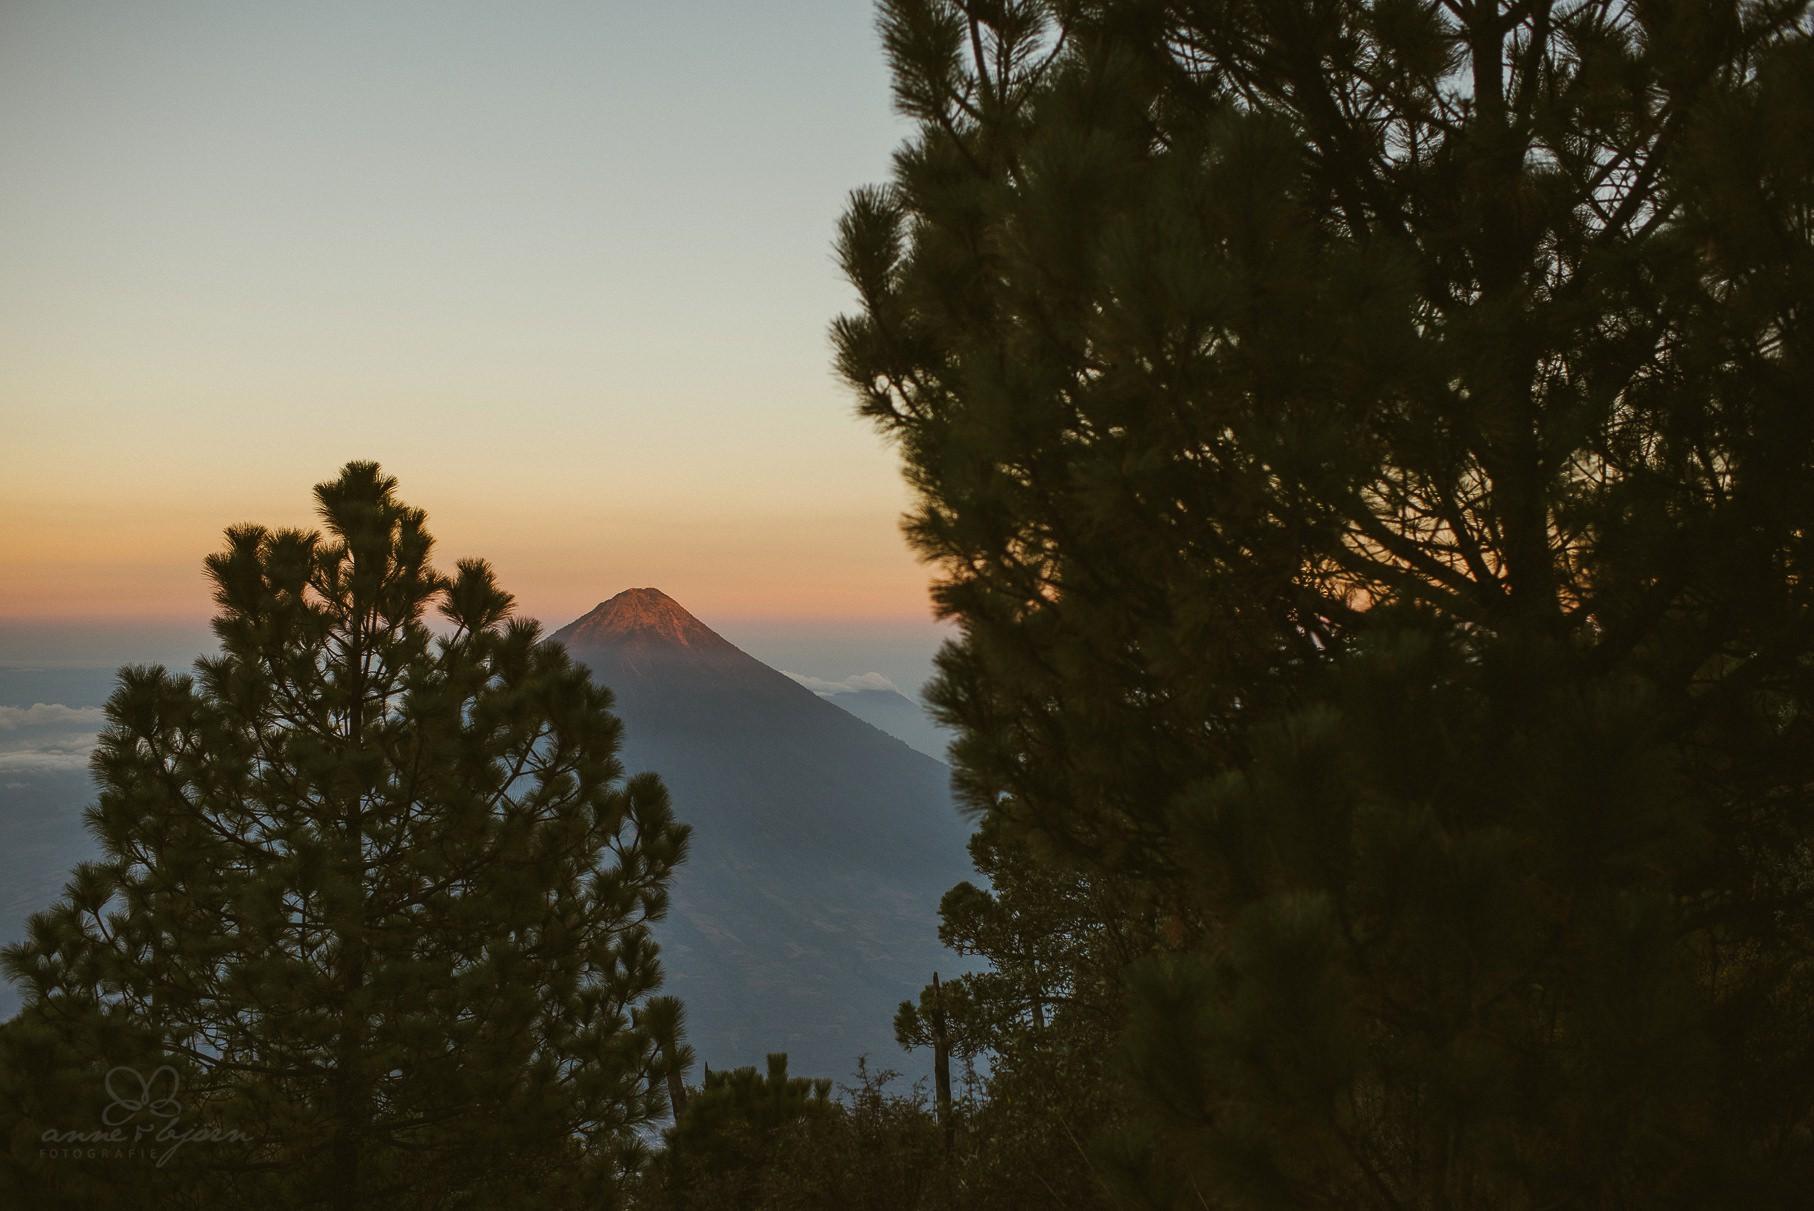 0095 anne und bjoern guatemala 811 3394 - 4 Wochen durch Guatemala - backpacking durch Mittelamerika